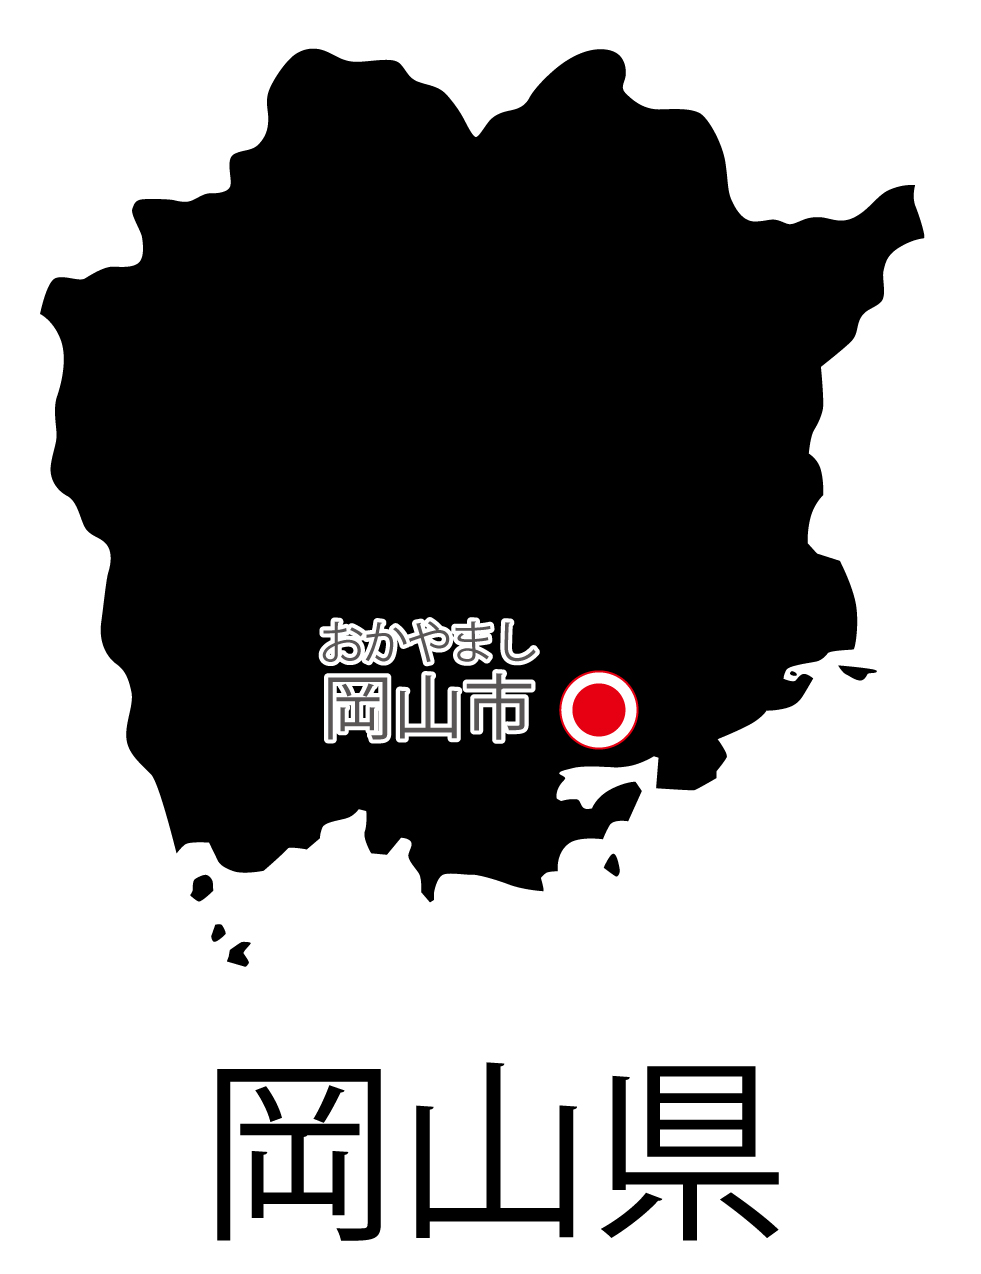 岡山県無料フリーイラスト|日本語・都道府県名あり・県庁所在地あり・ルビあり(黒)